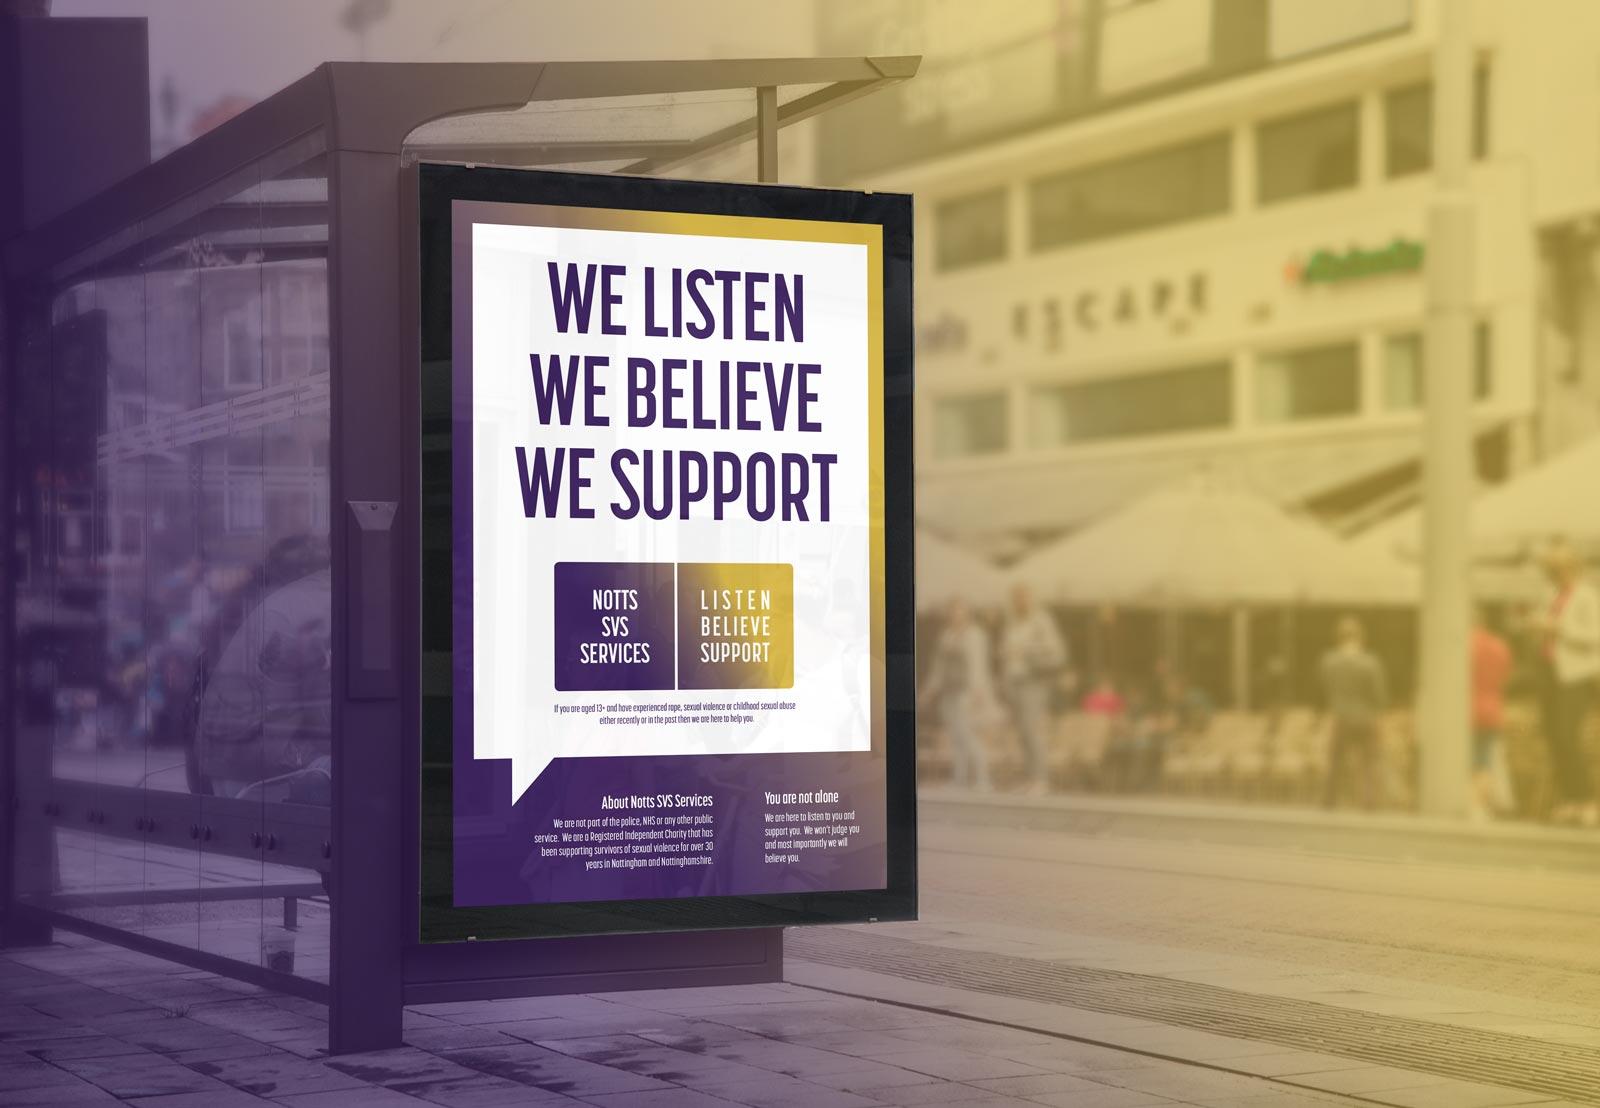 bus-stop-billboard-mockup-v2